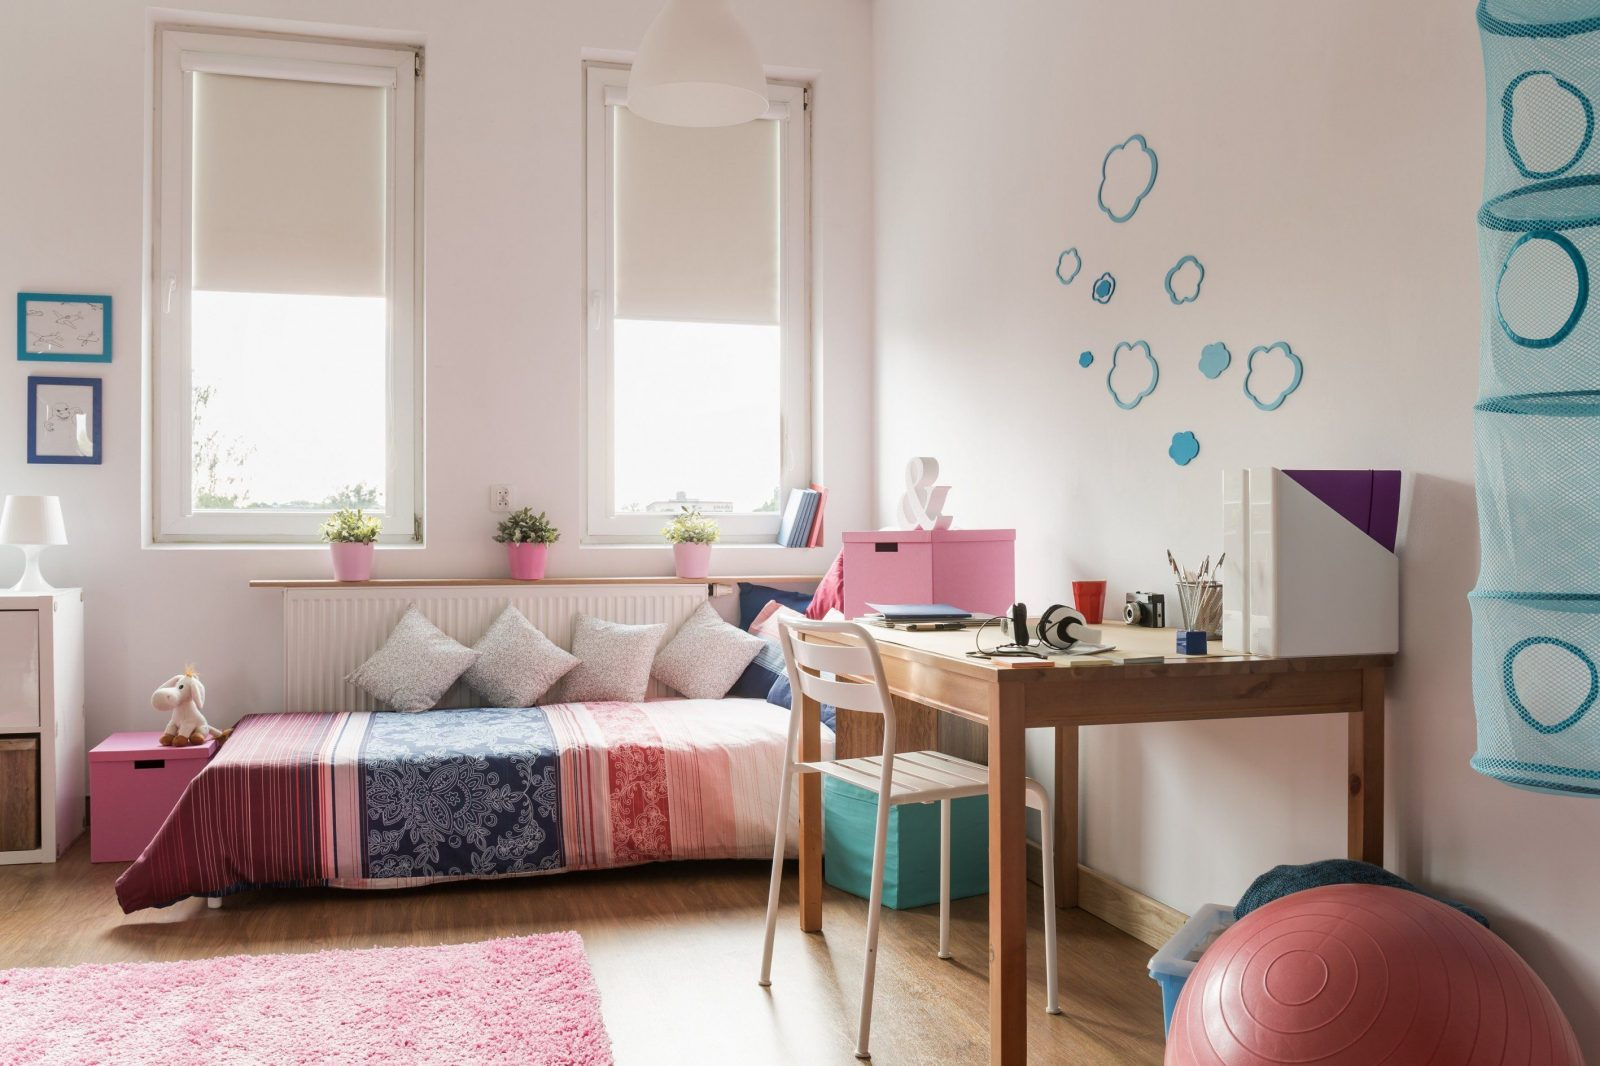 Wohnideen  Kinderzimmer Im Dach Mit Schrage Auch Schön Einzigartig von Farbgestaltung Kinderzimmer Mit Dachschräge Photo